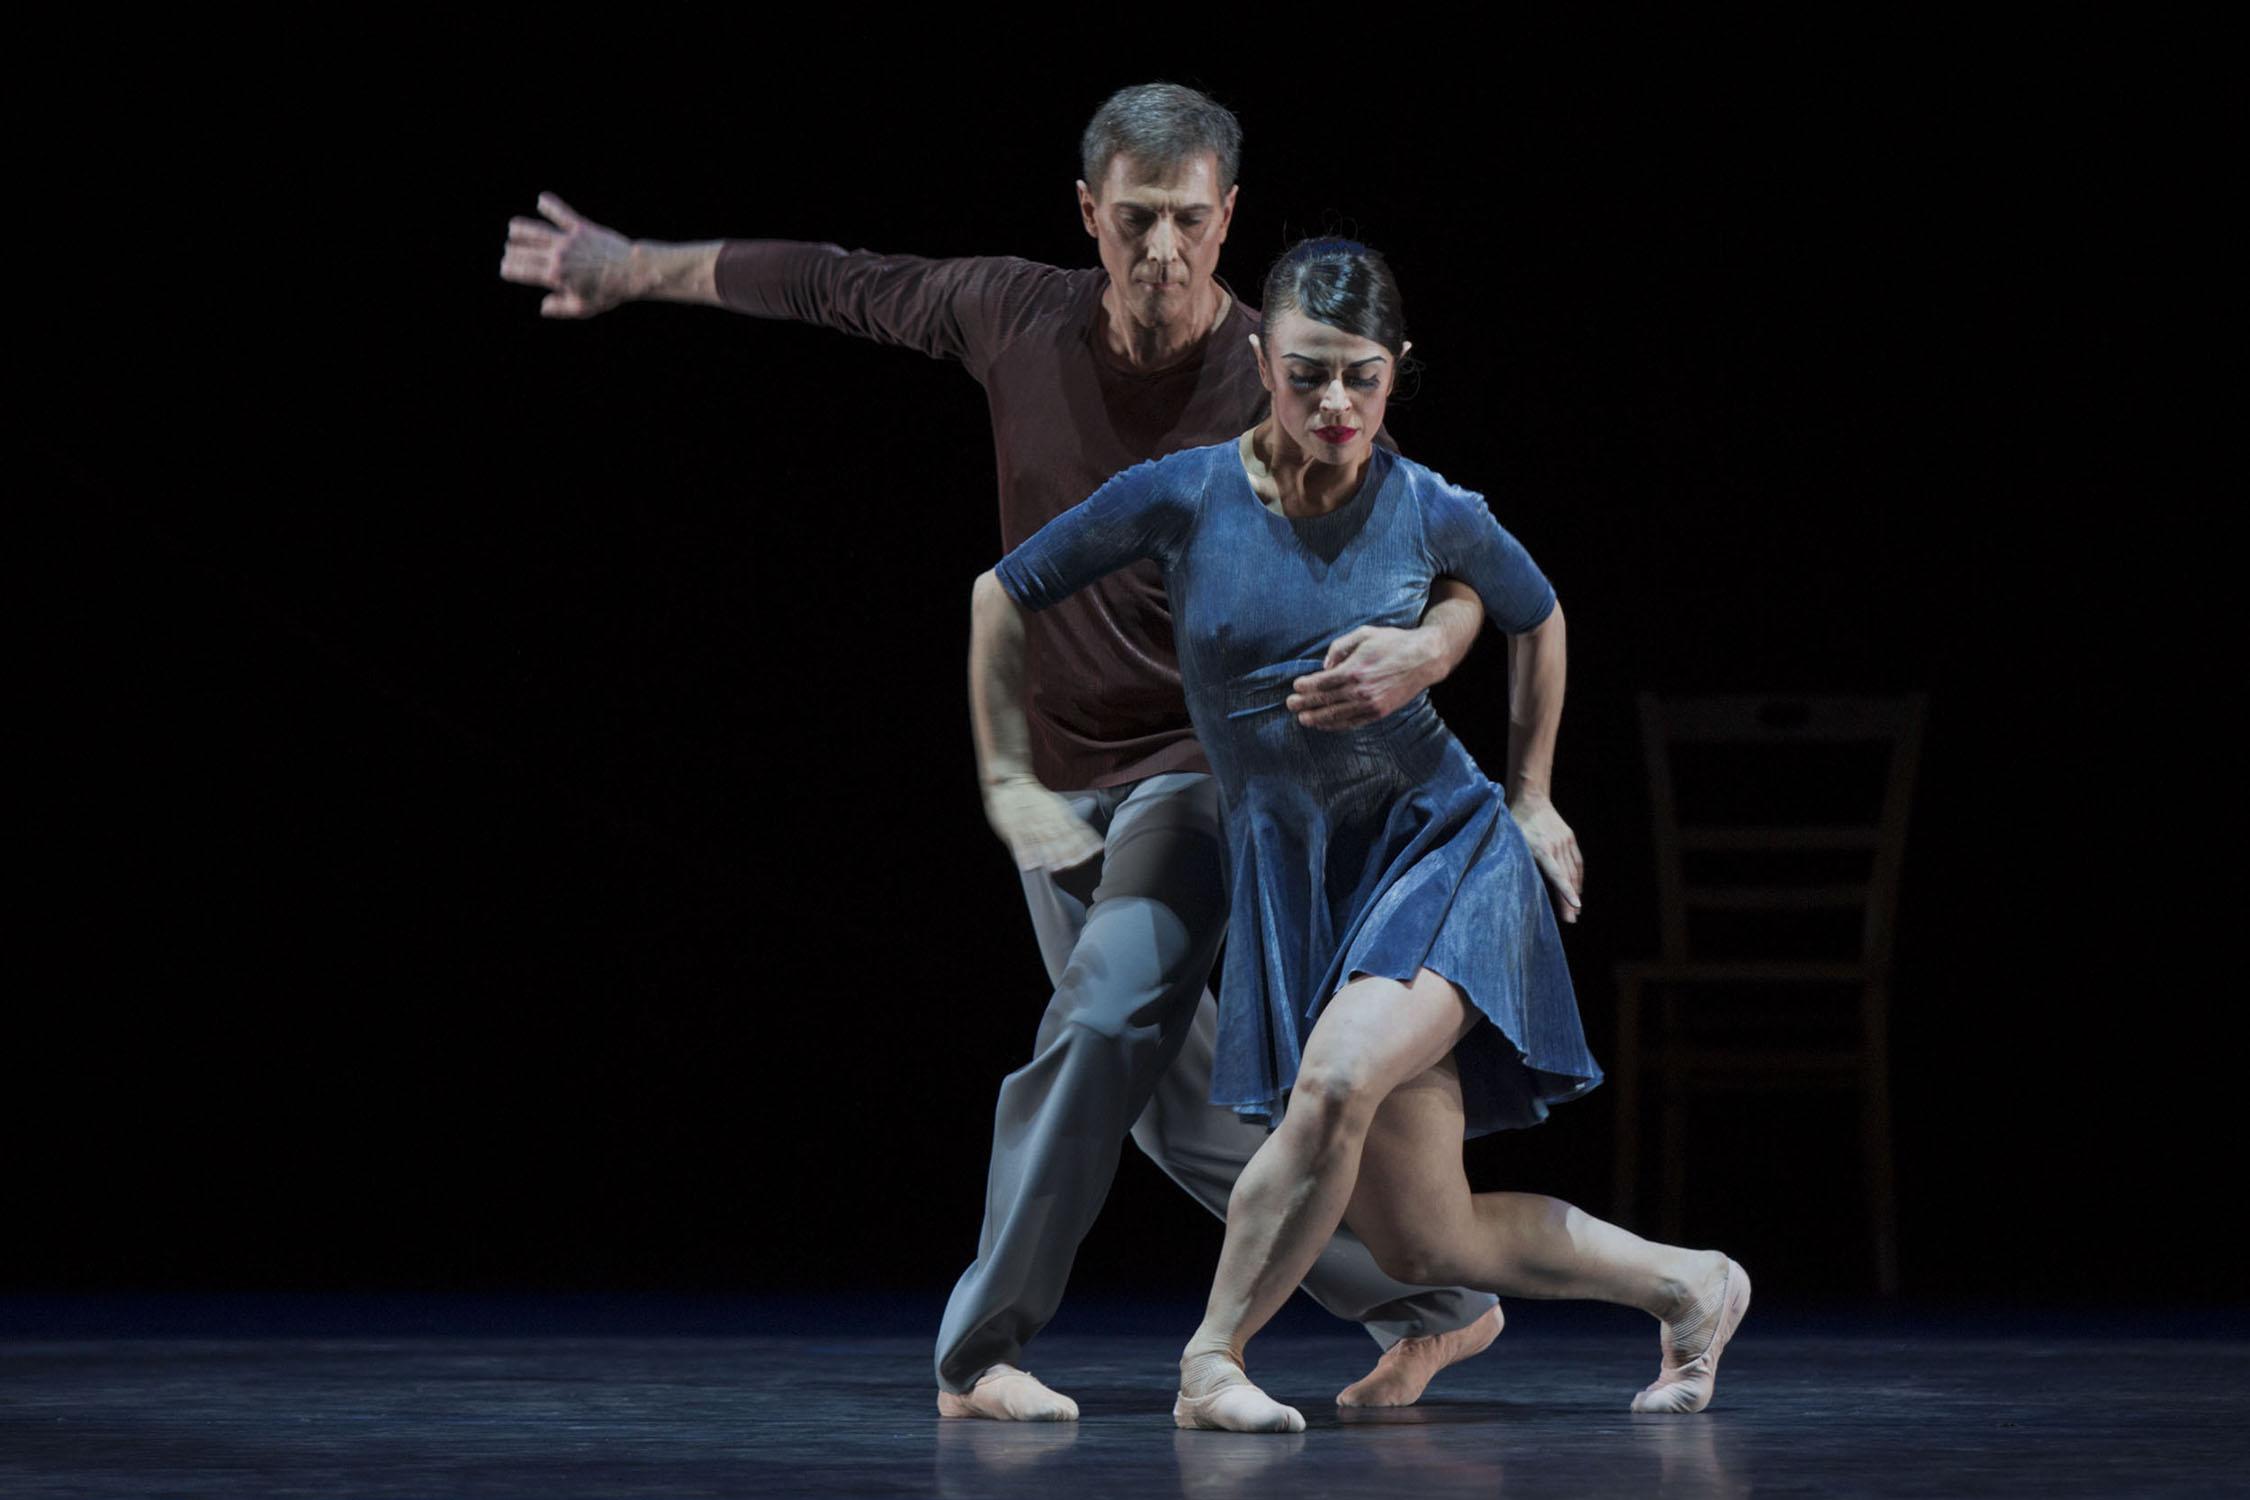 Hans van Manen: Alltag | Martin Schläpfer, Marlúcia do Amaral